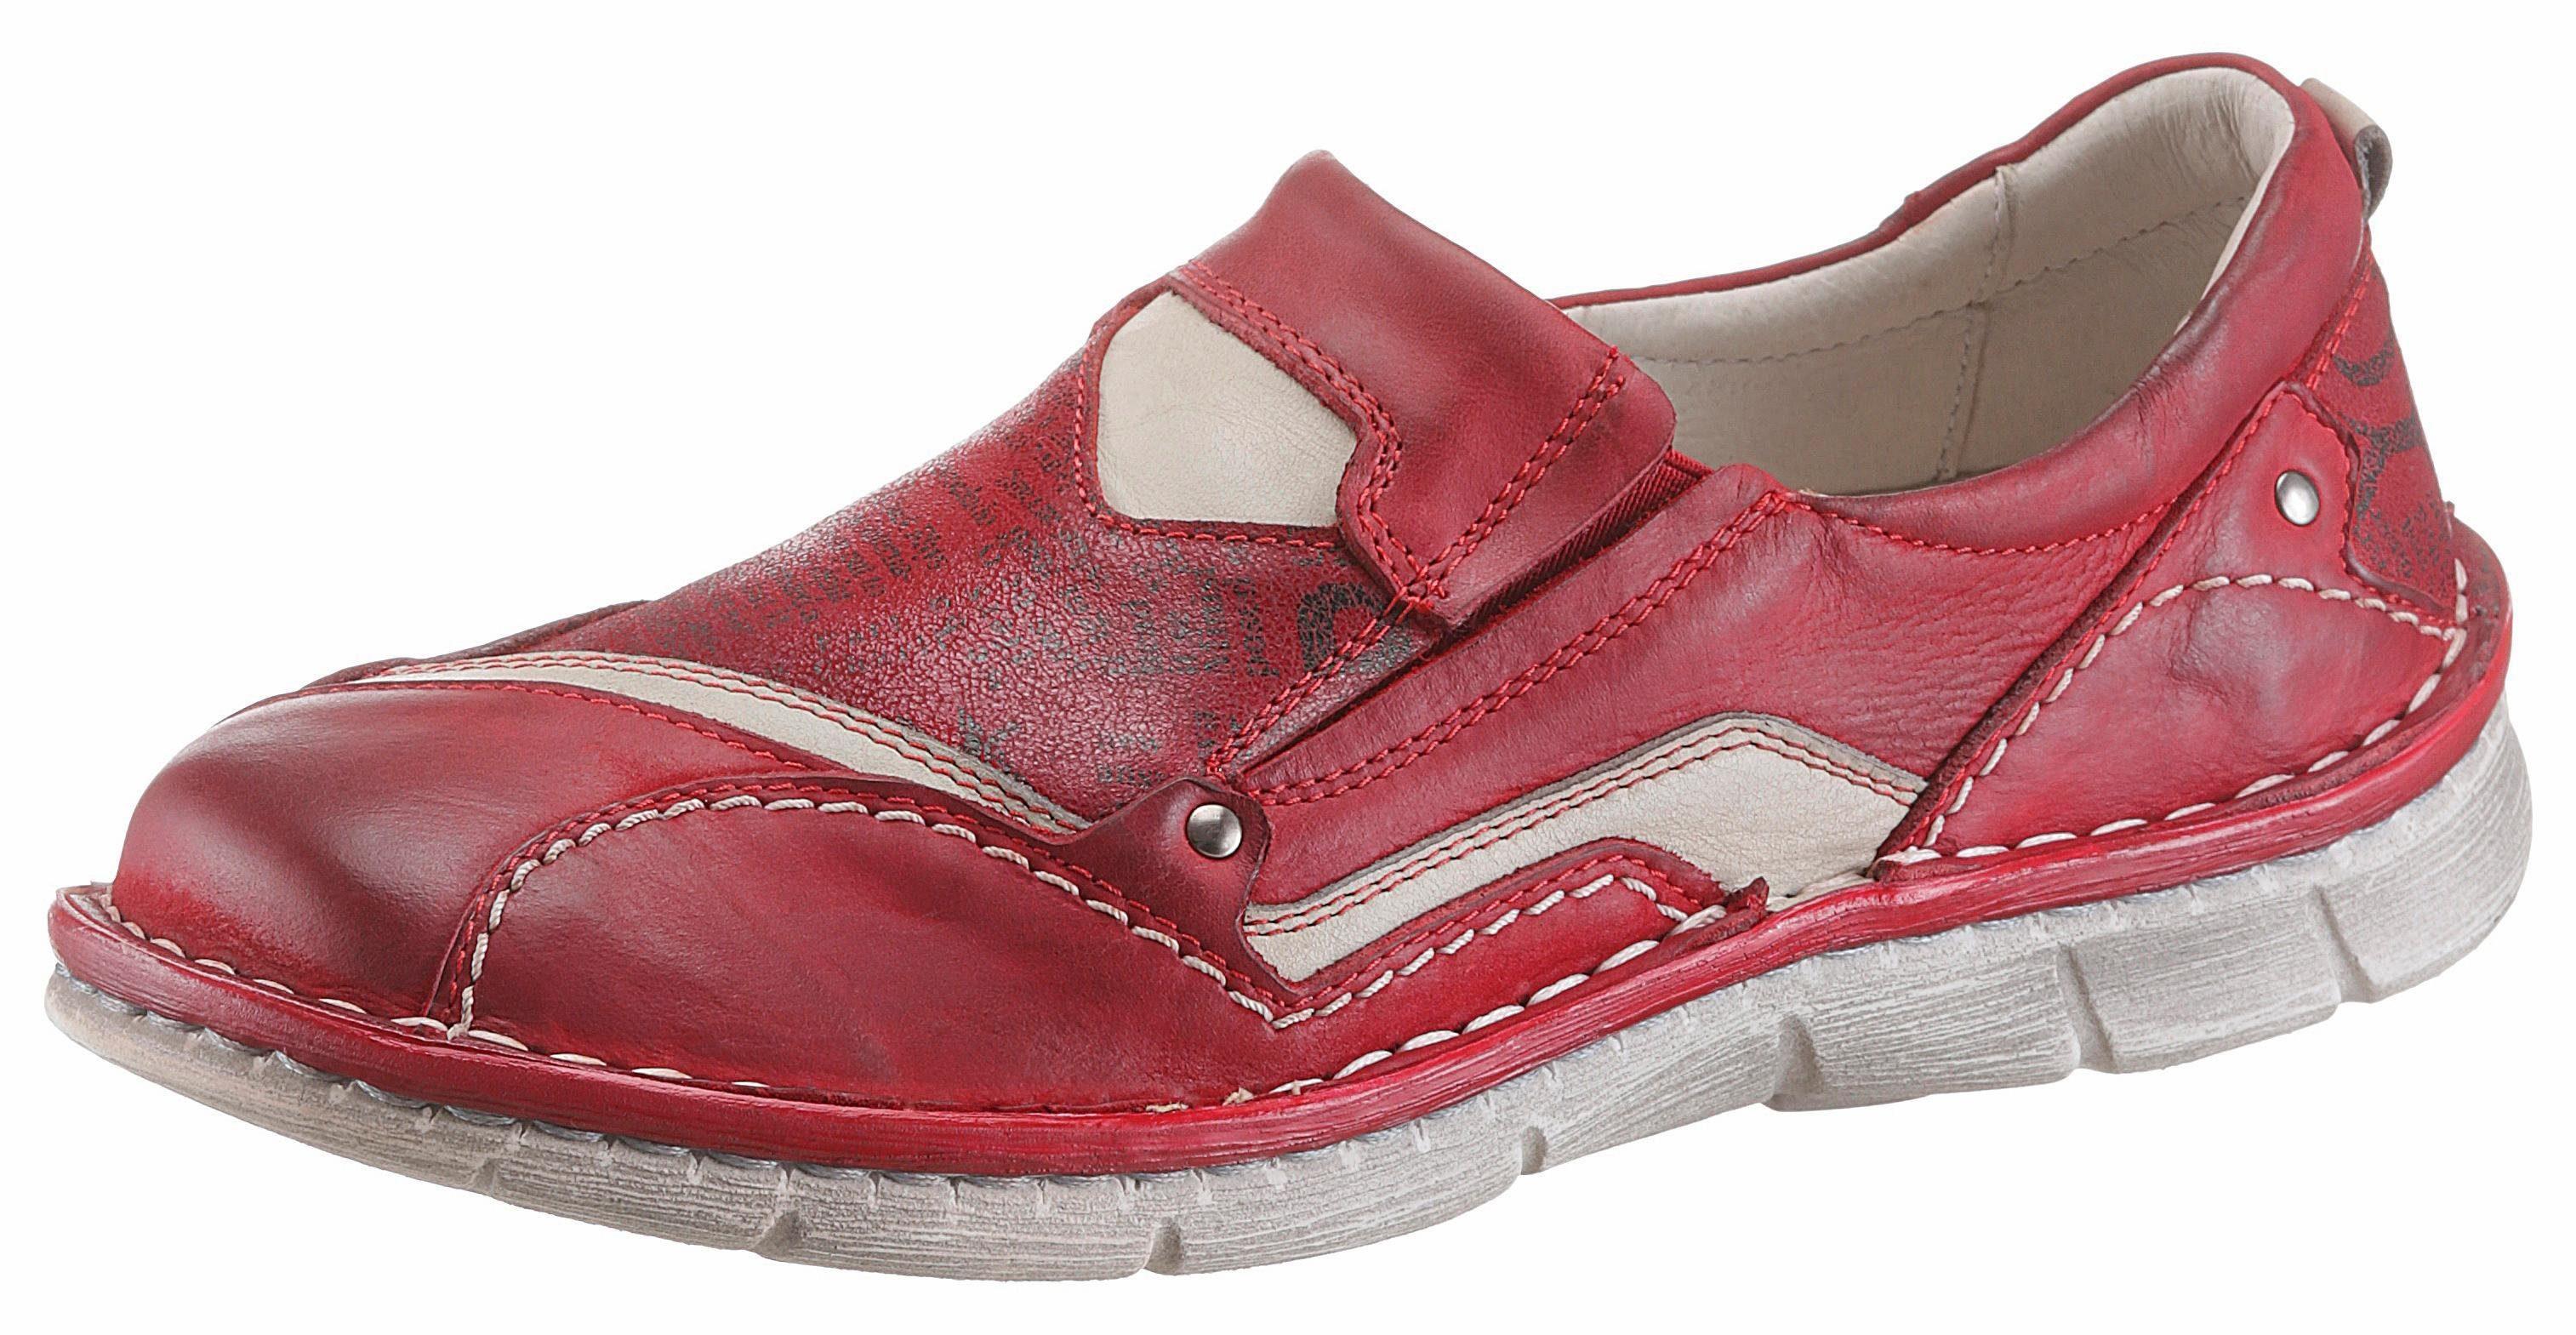 KACPER Slipper, im sportiven Design, rot, 36 36